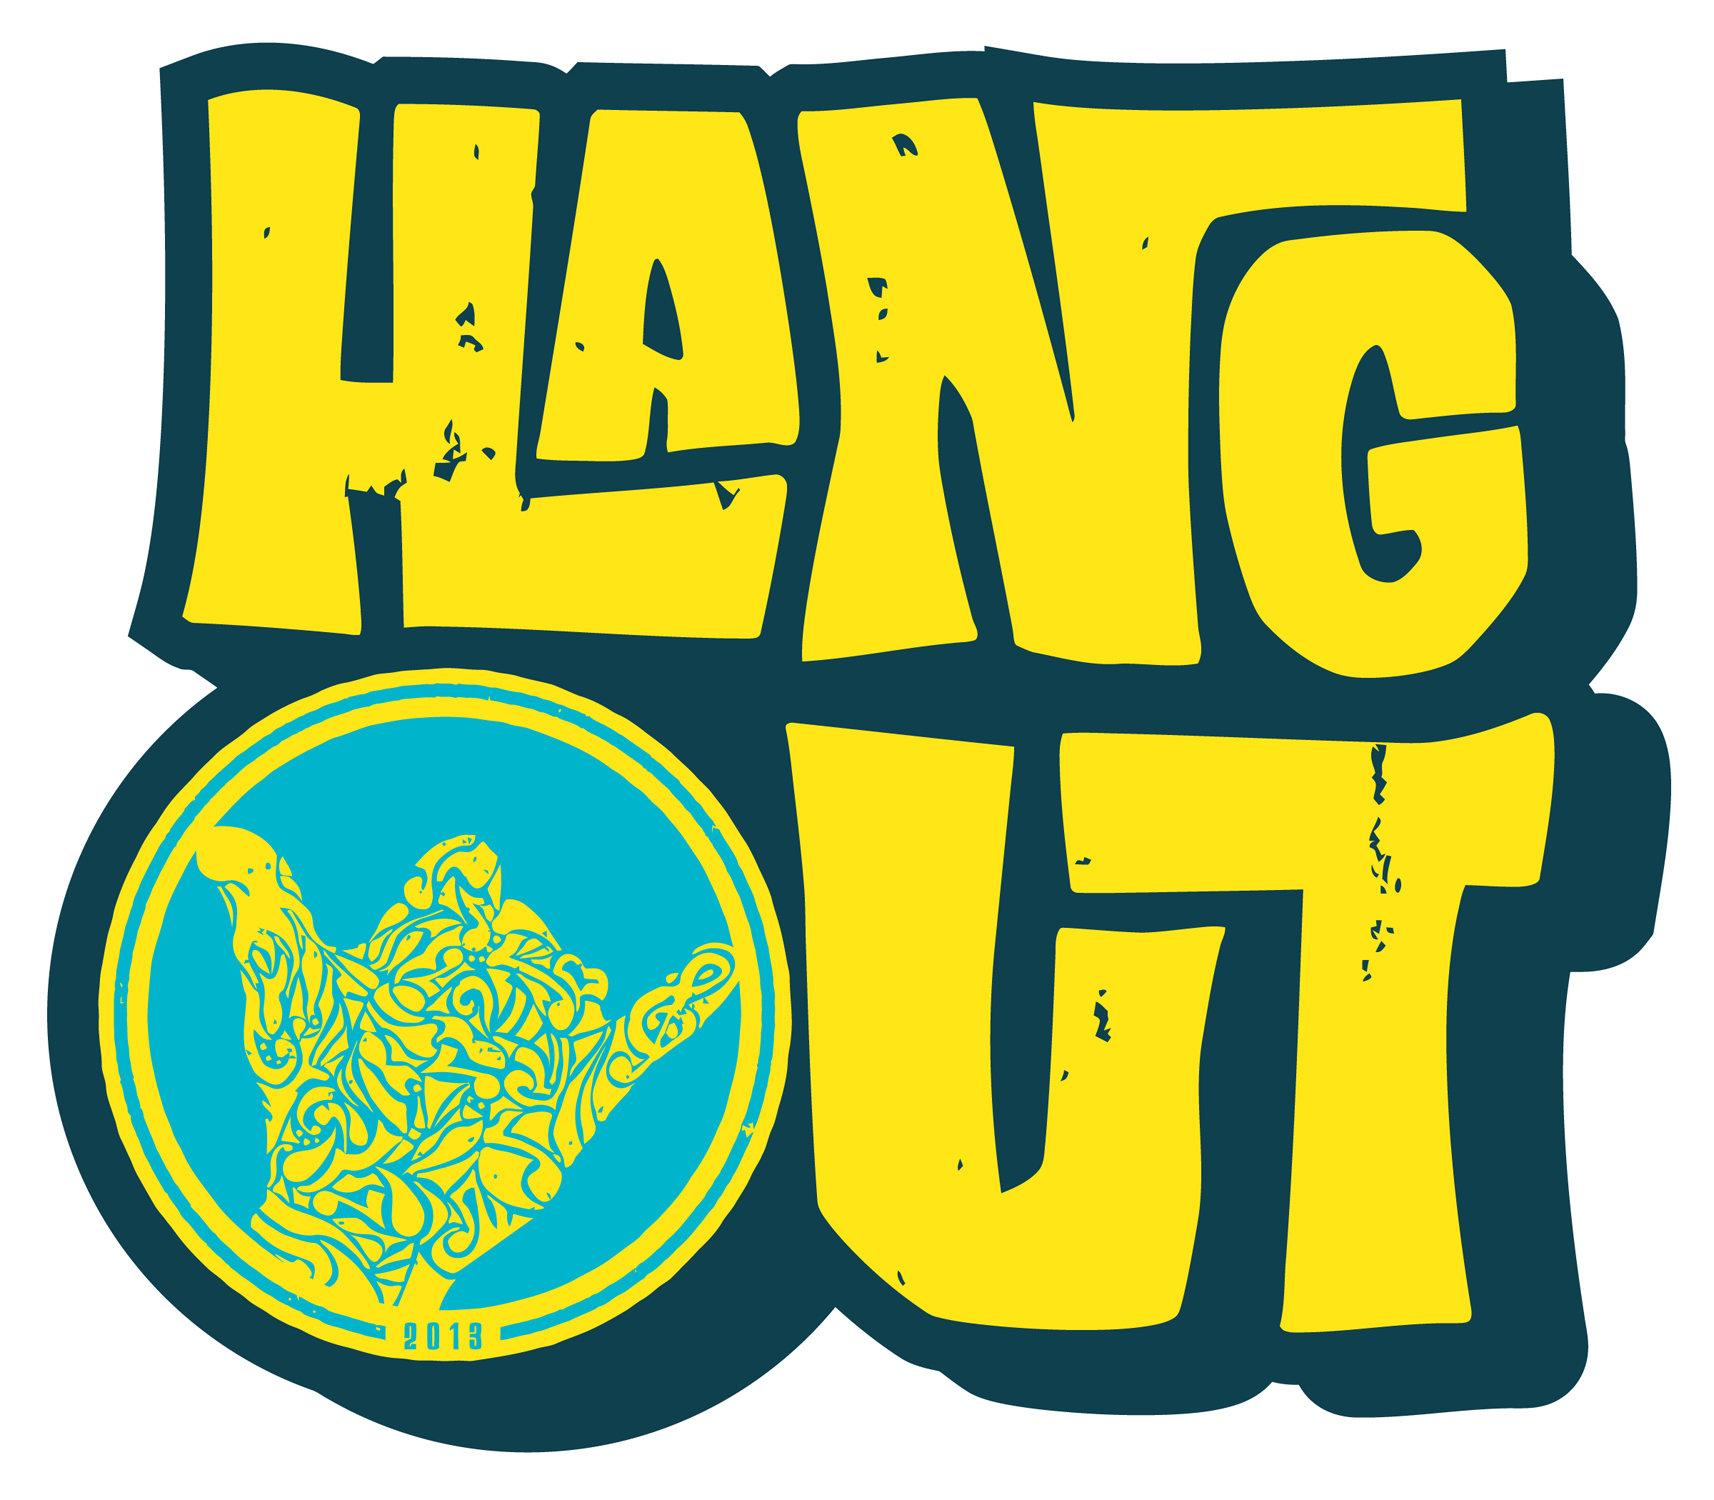 2014 hangout music festival presale crescent vale hangout stopboris Images